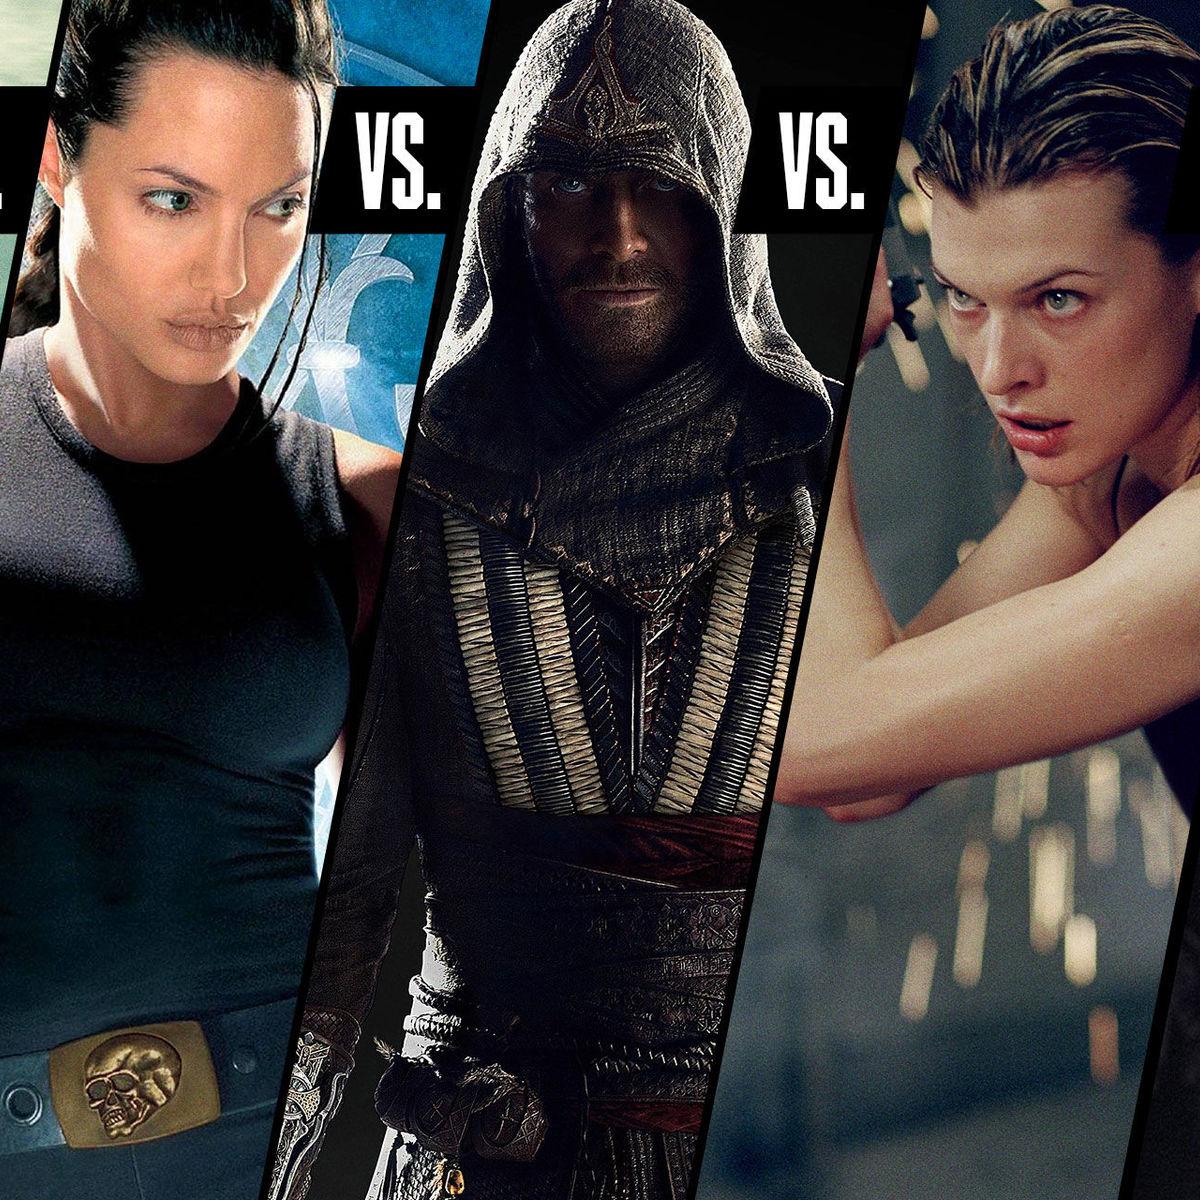 Debate Club: Best Video Game Movies